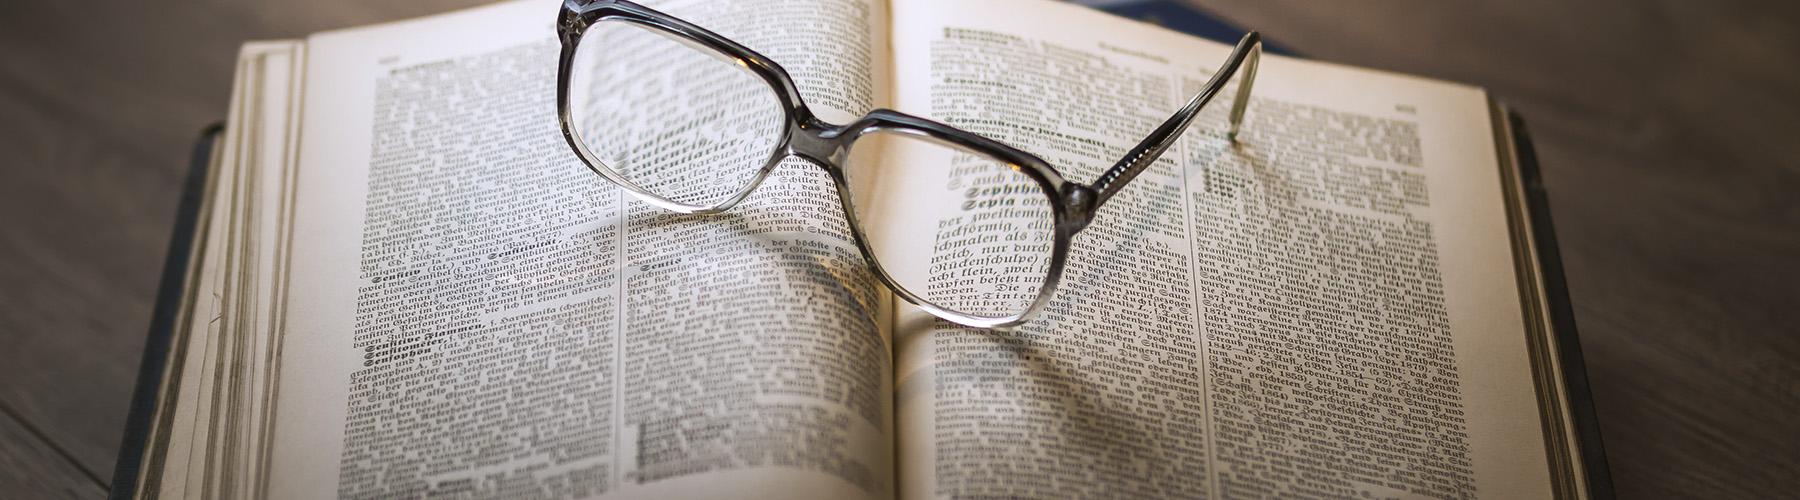 lectura-alex-lafuente